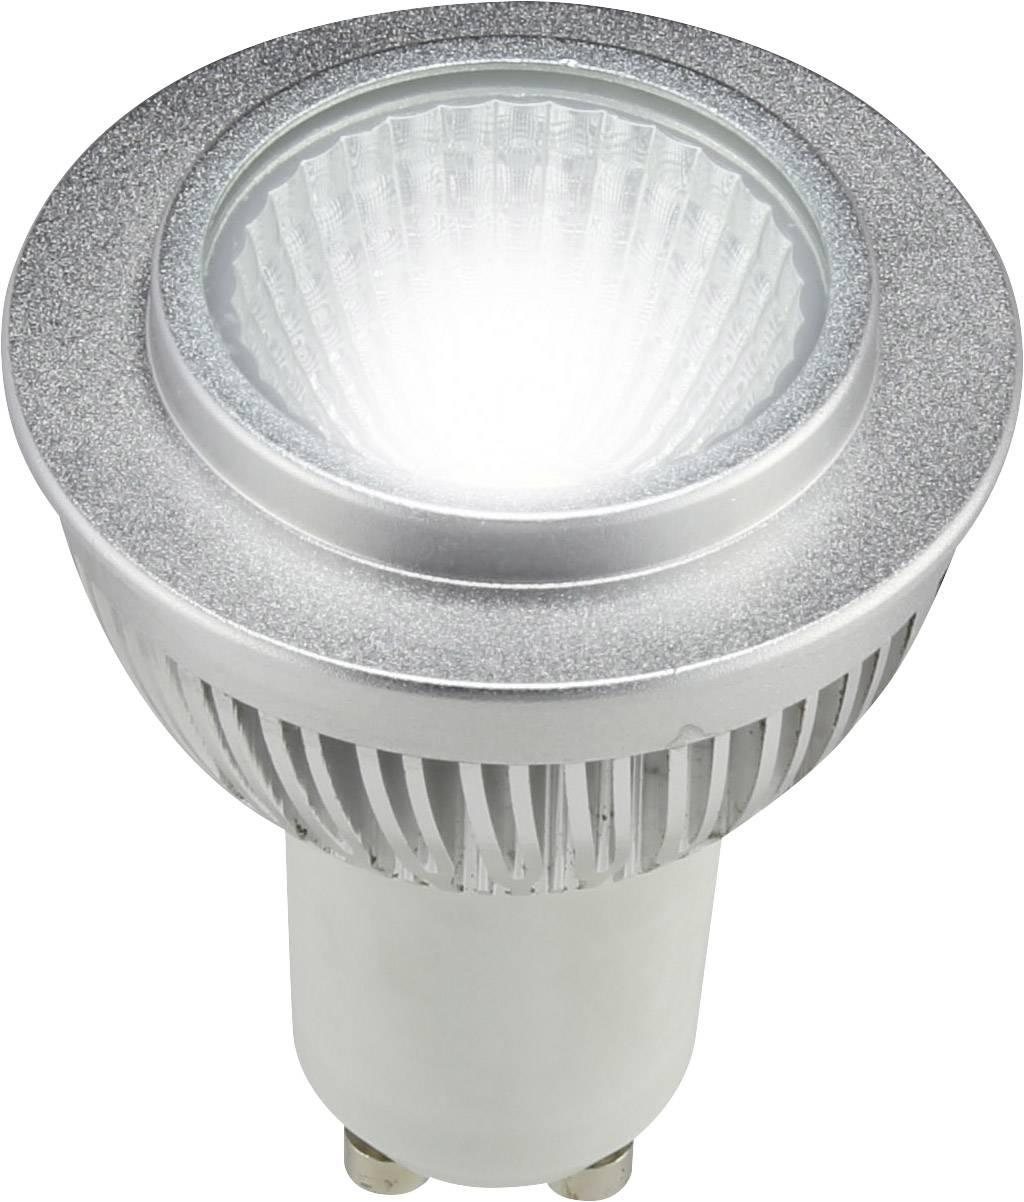 LED Sygonix 230 V, GU10, 4 W = 25 W, 64.50 mm, studená bílá, A+ (A++ - E), reflektor 1 ks